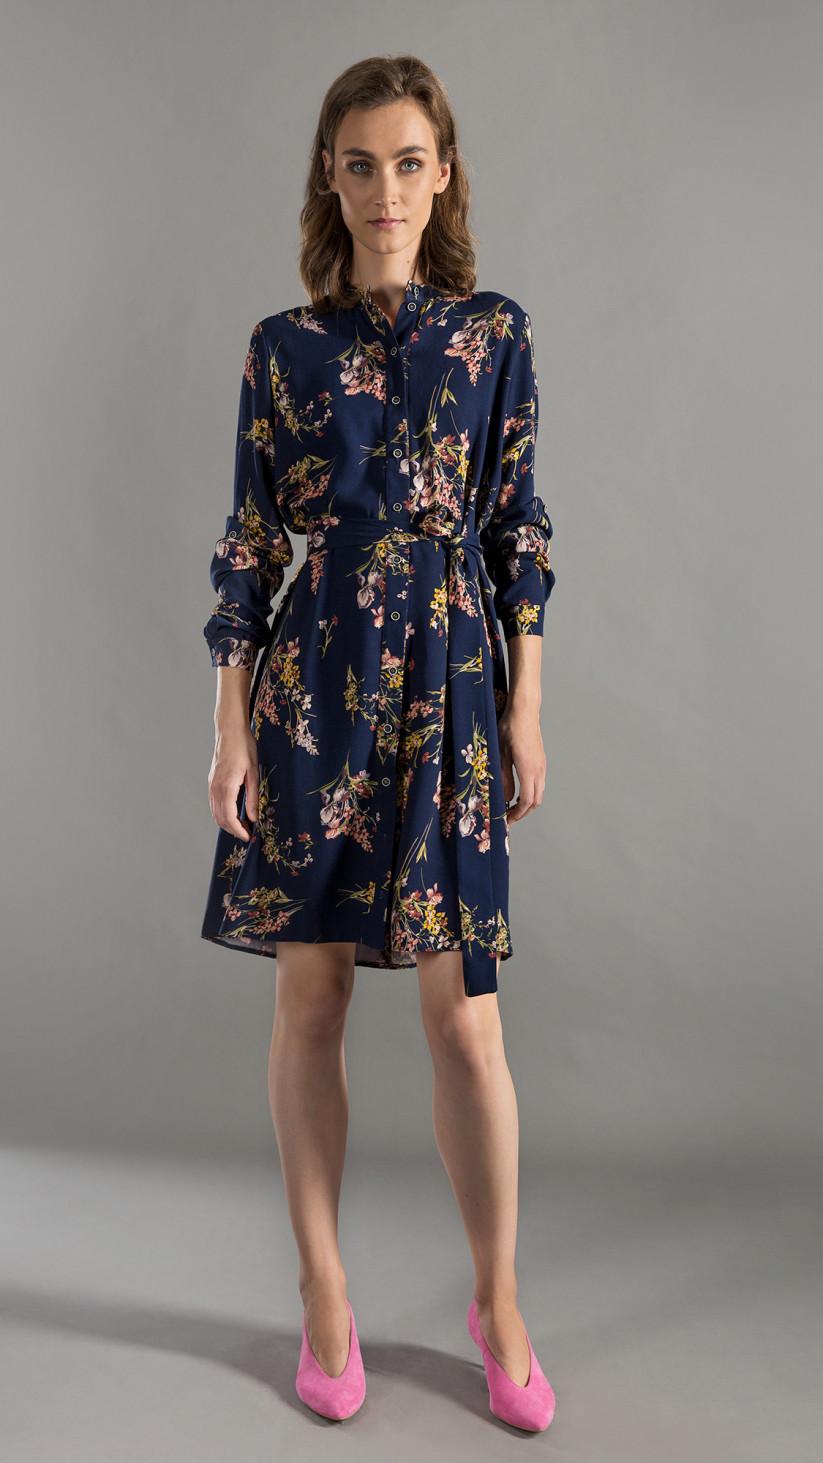 Sukienka Bonnie | Kwiecisty Granat | Luźna szmizjerka wiązana w pasie